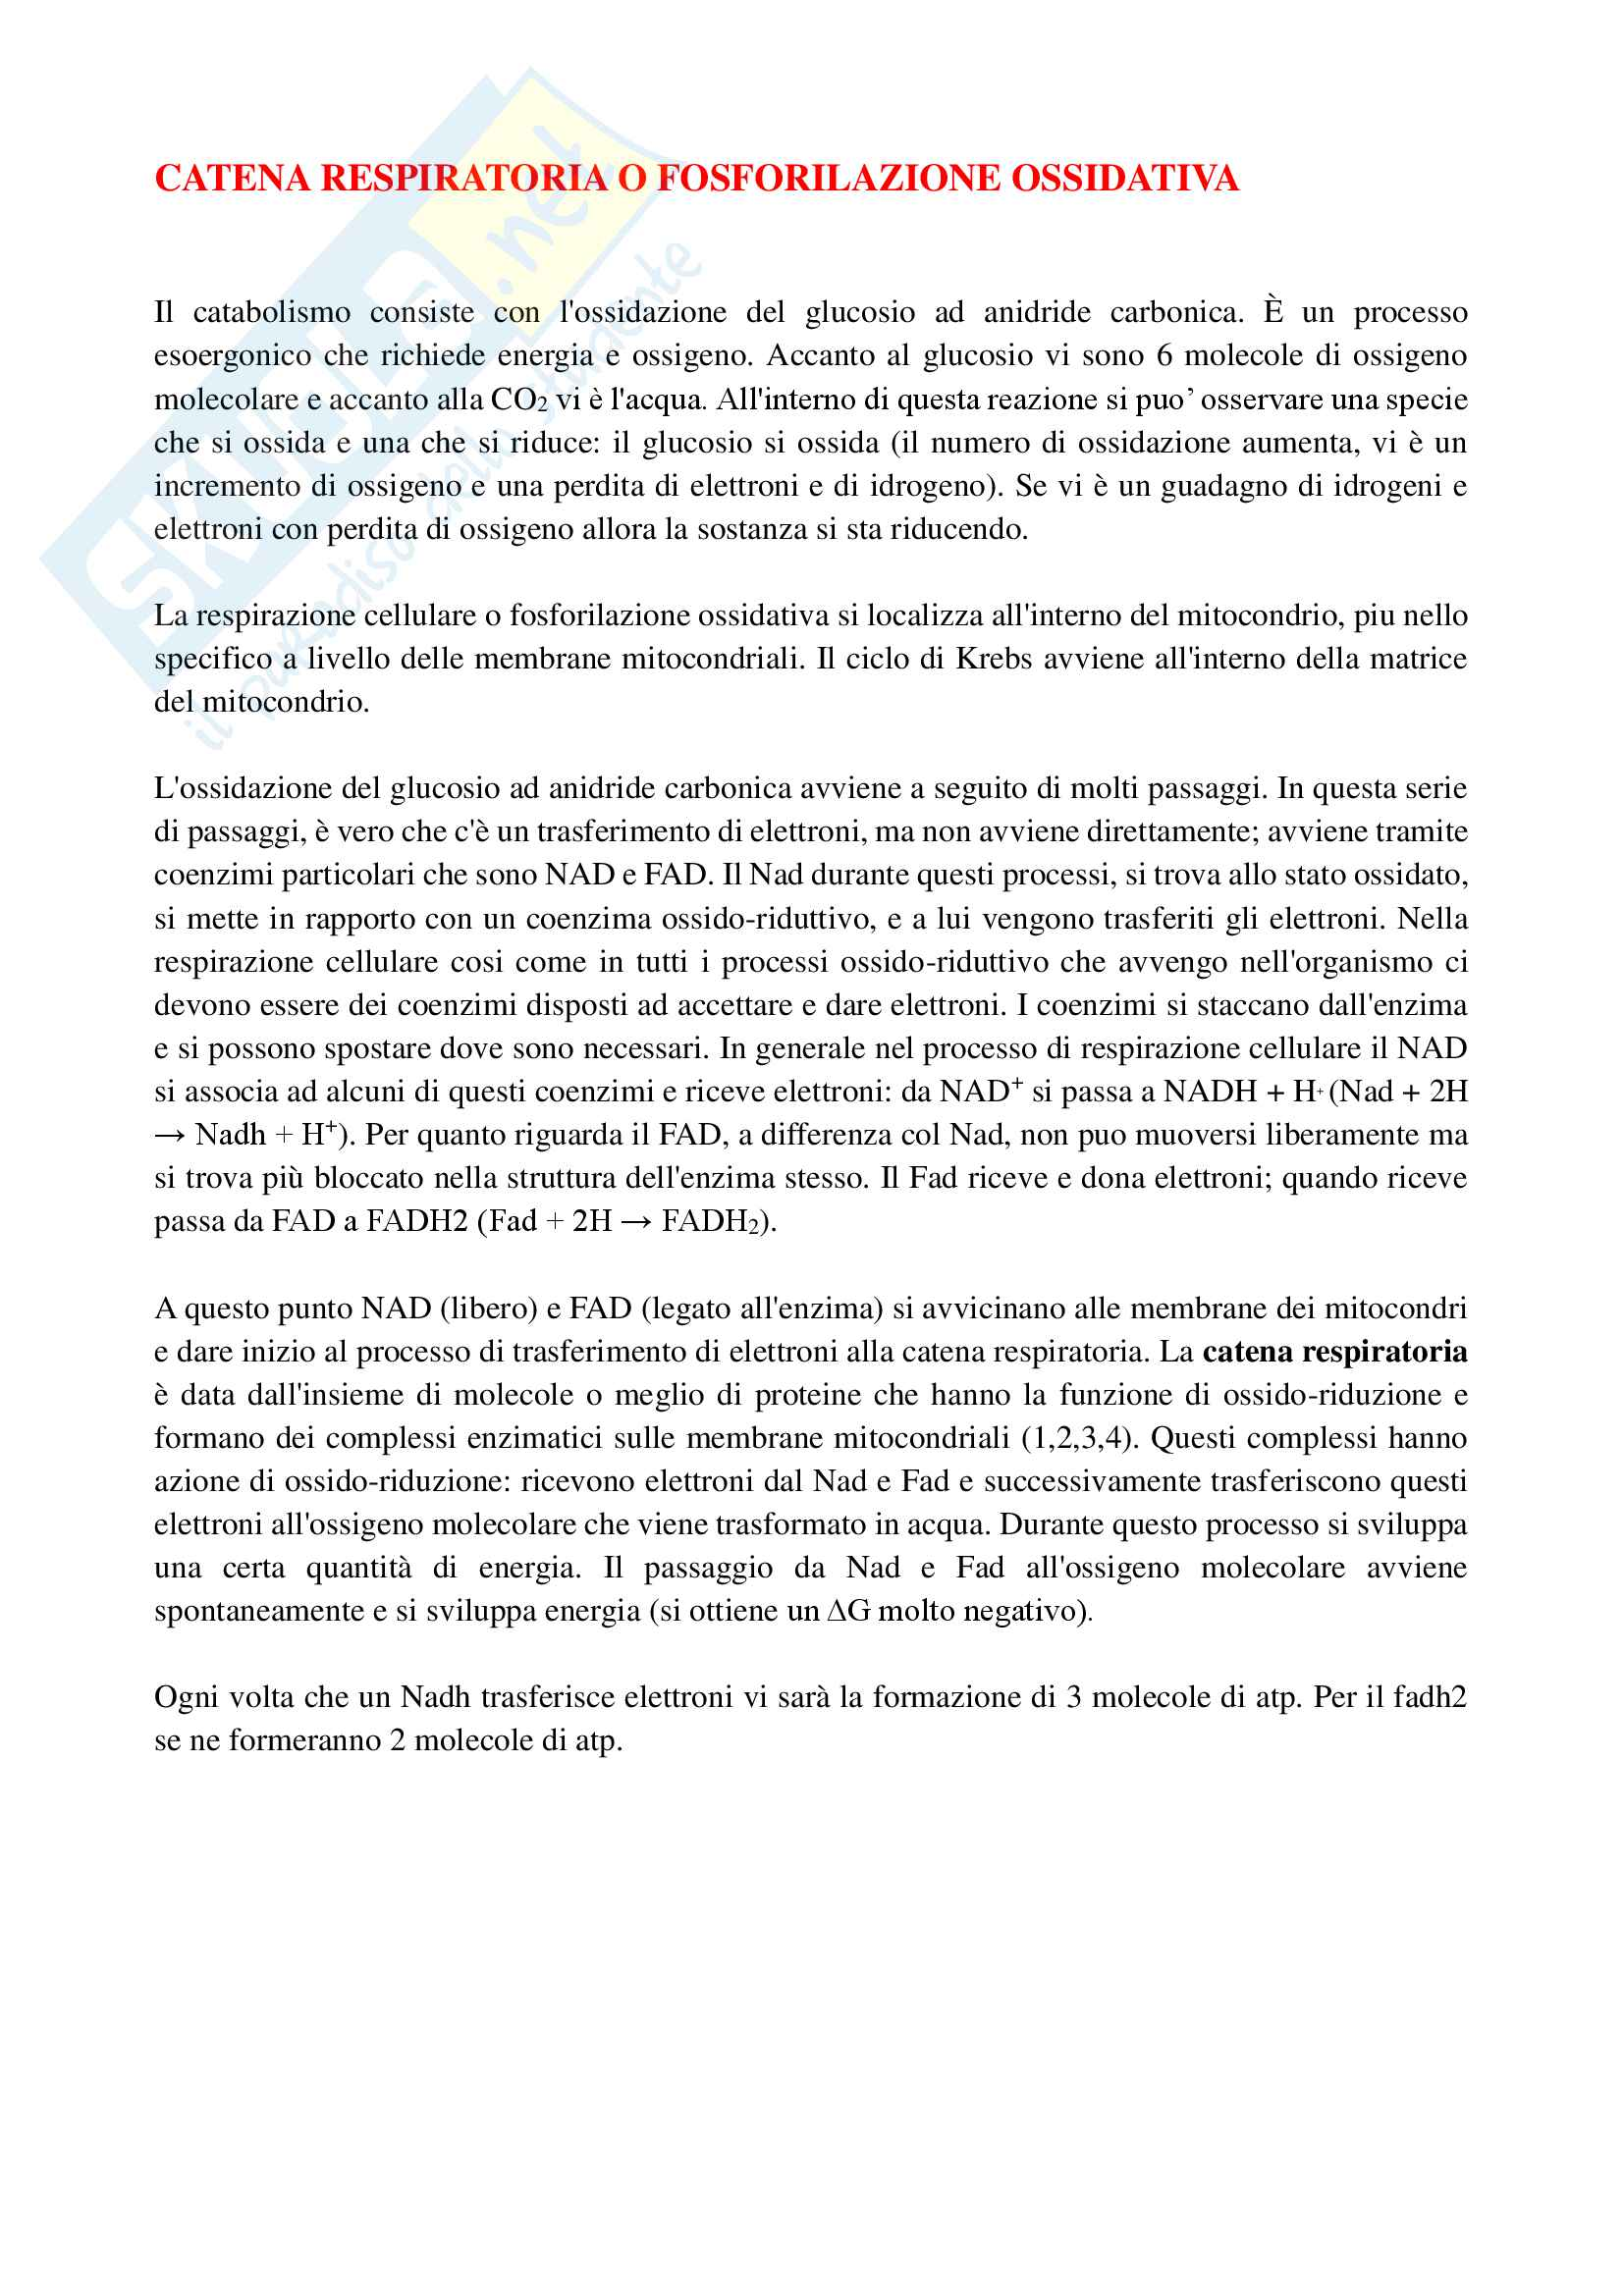 Appunti di Biochimica (Ciclo di Krebs e fosforilazione ossidativa)